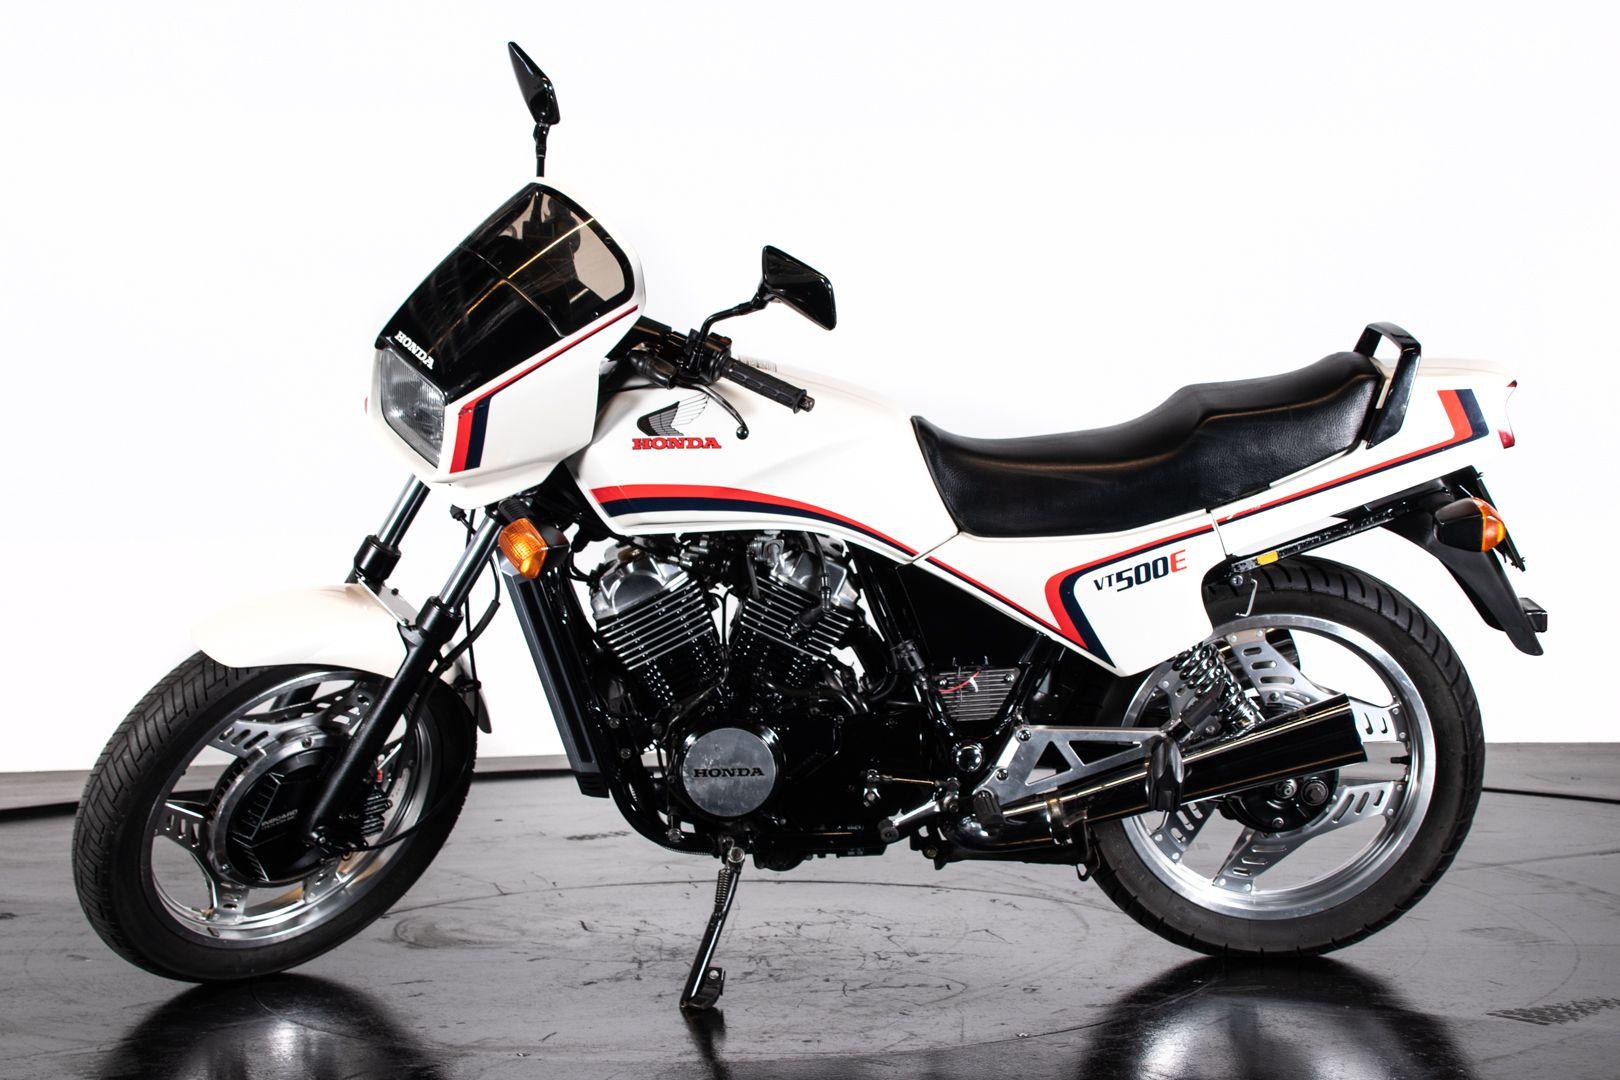 1985 Honda VT 500 63434